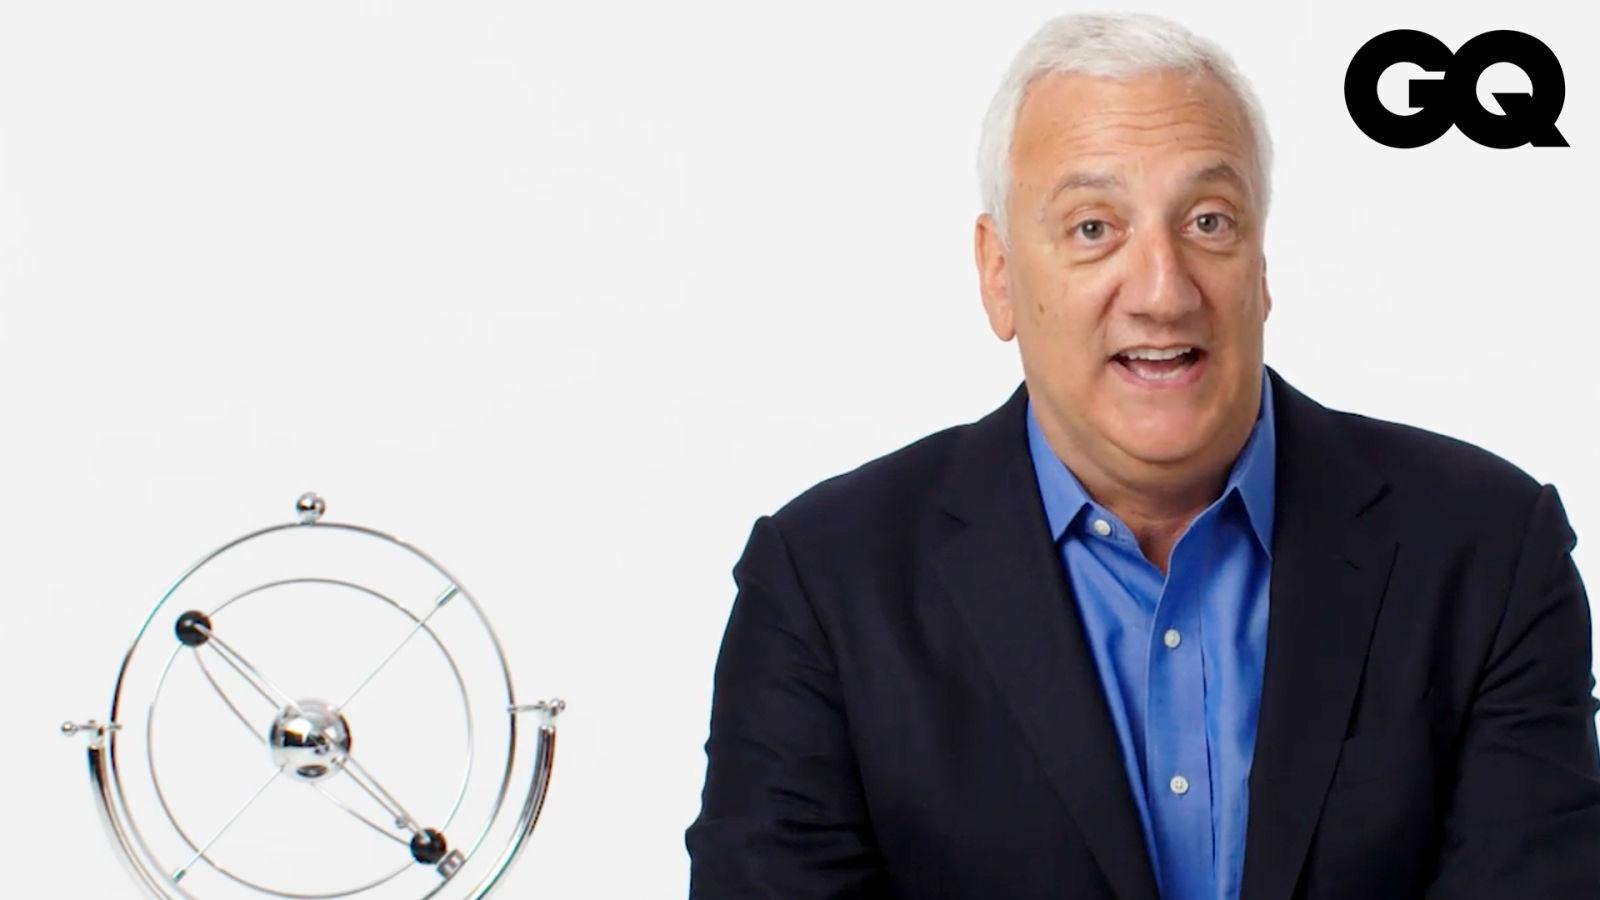 外太空會臭嗎?太空人回答網友提問:為什麼太空服裝手套上有鏡子?Astronaut Answers Space Questions From Twitter |名人專業問答|GQ